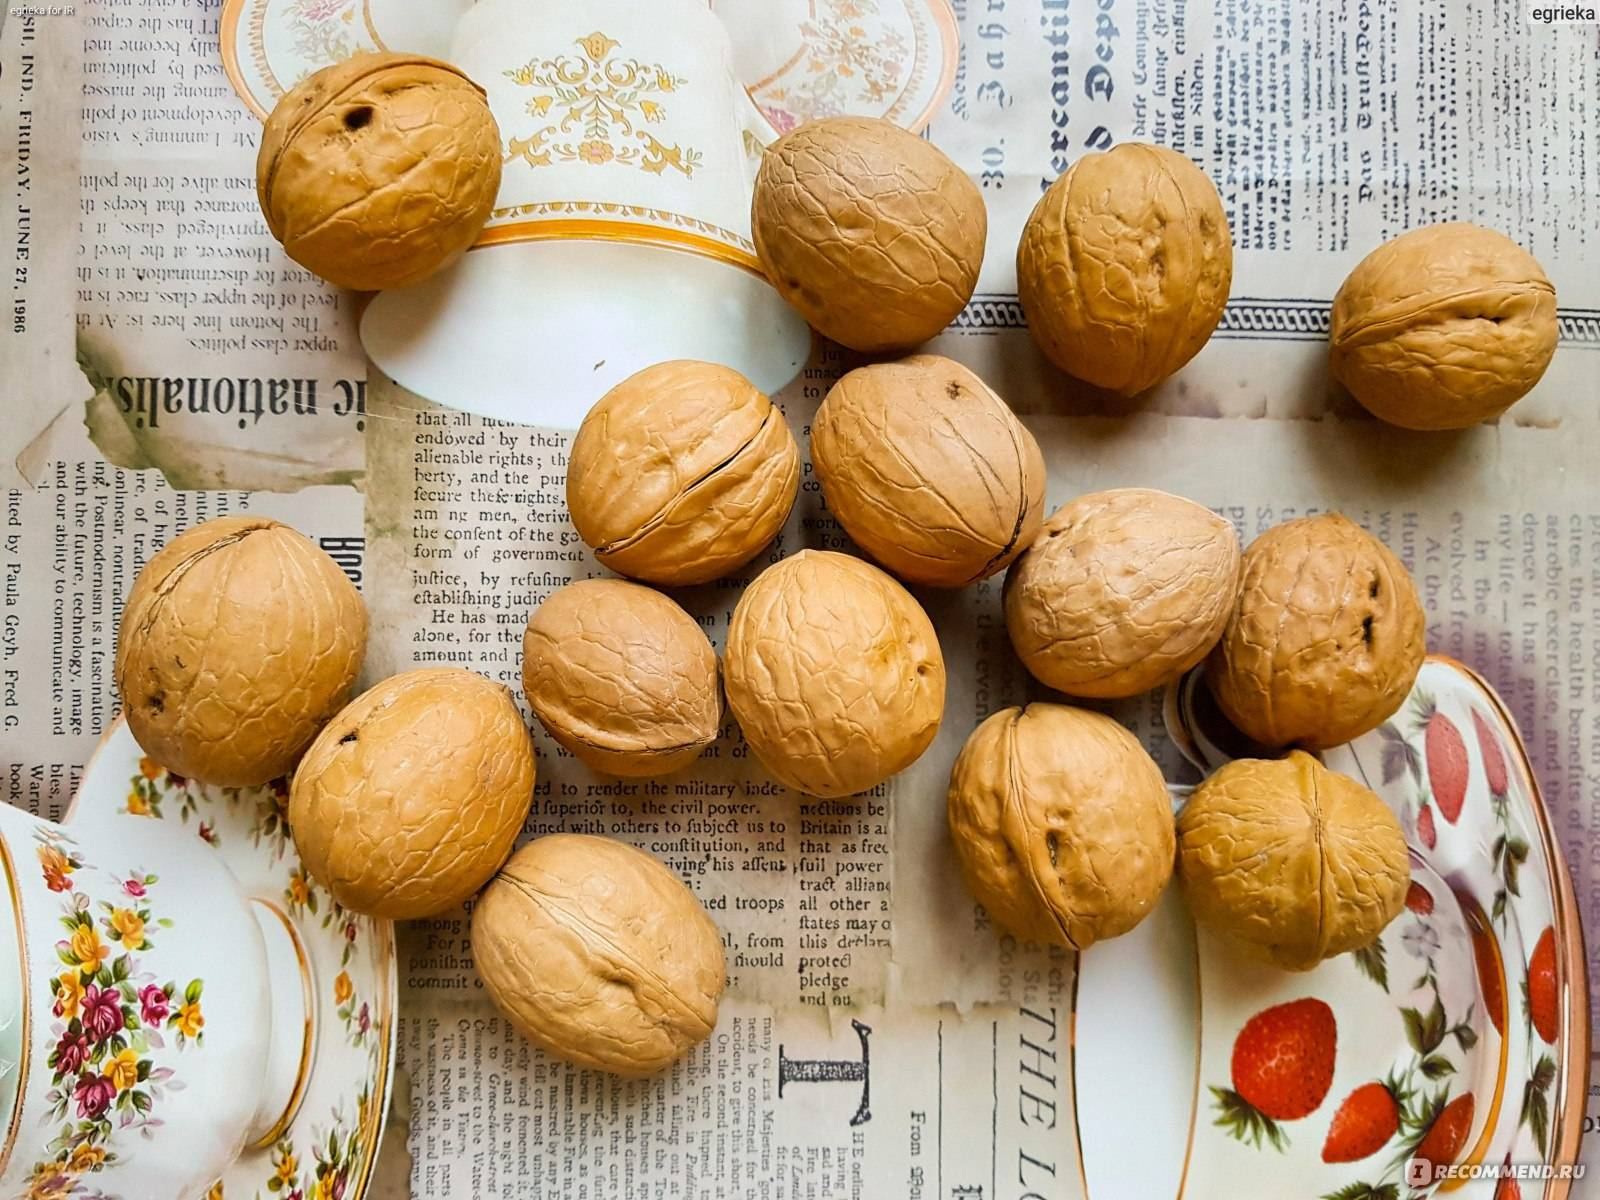 Способы удаления зеленой кожуры грецких орехов. как правильно их очистить и что нужно предпринять для защиты рук?